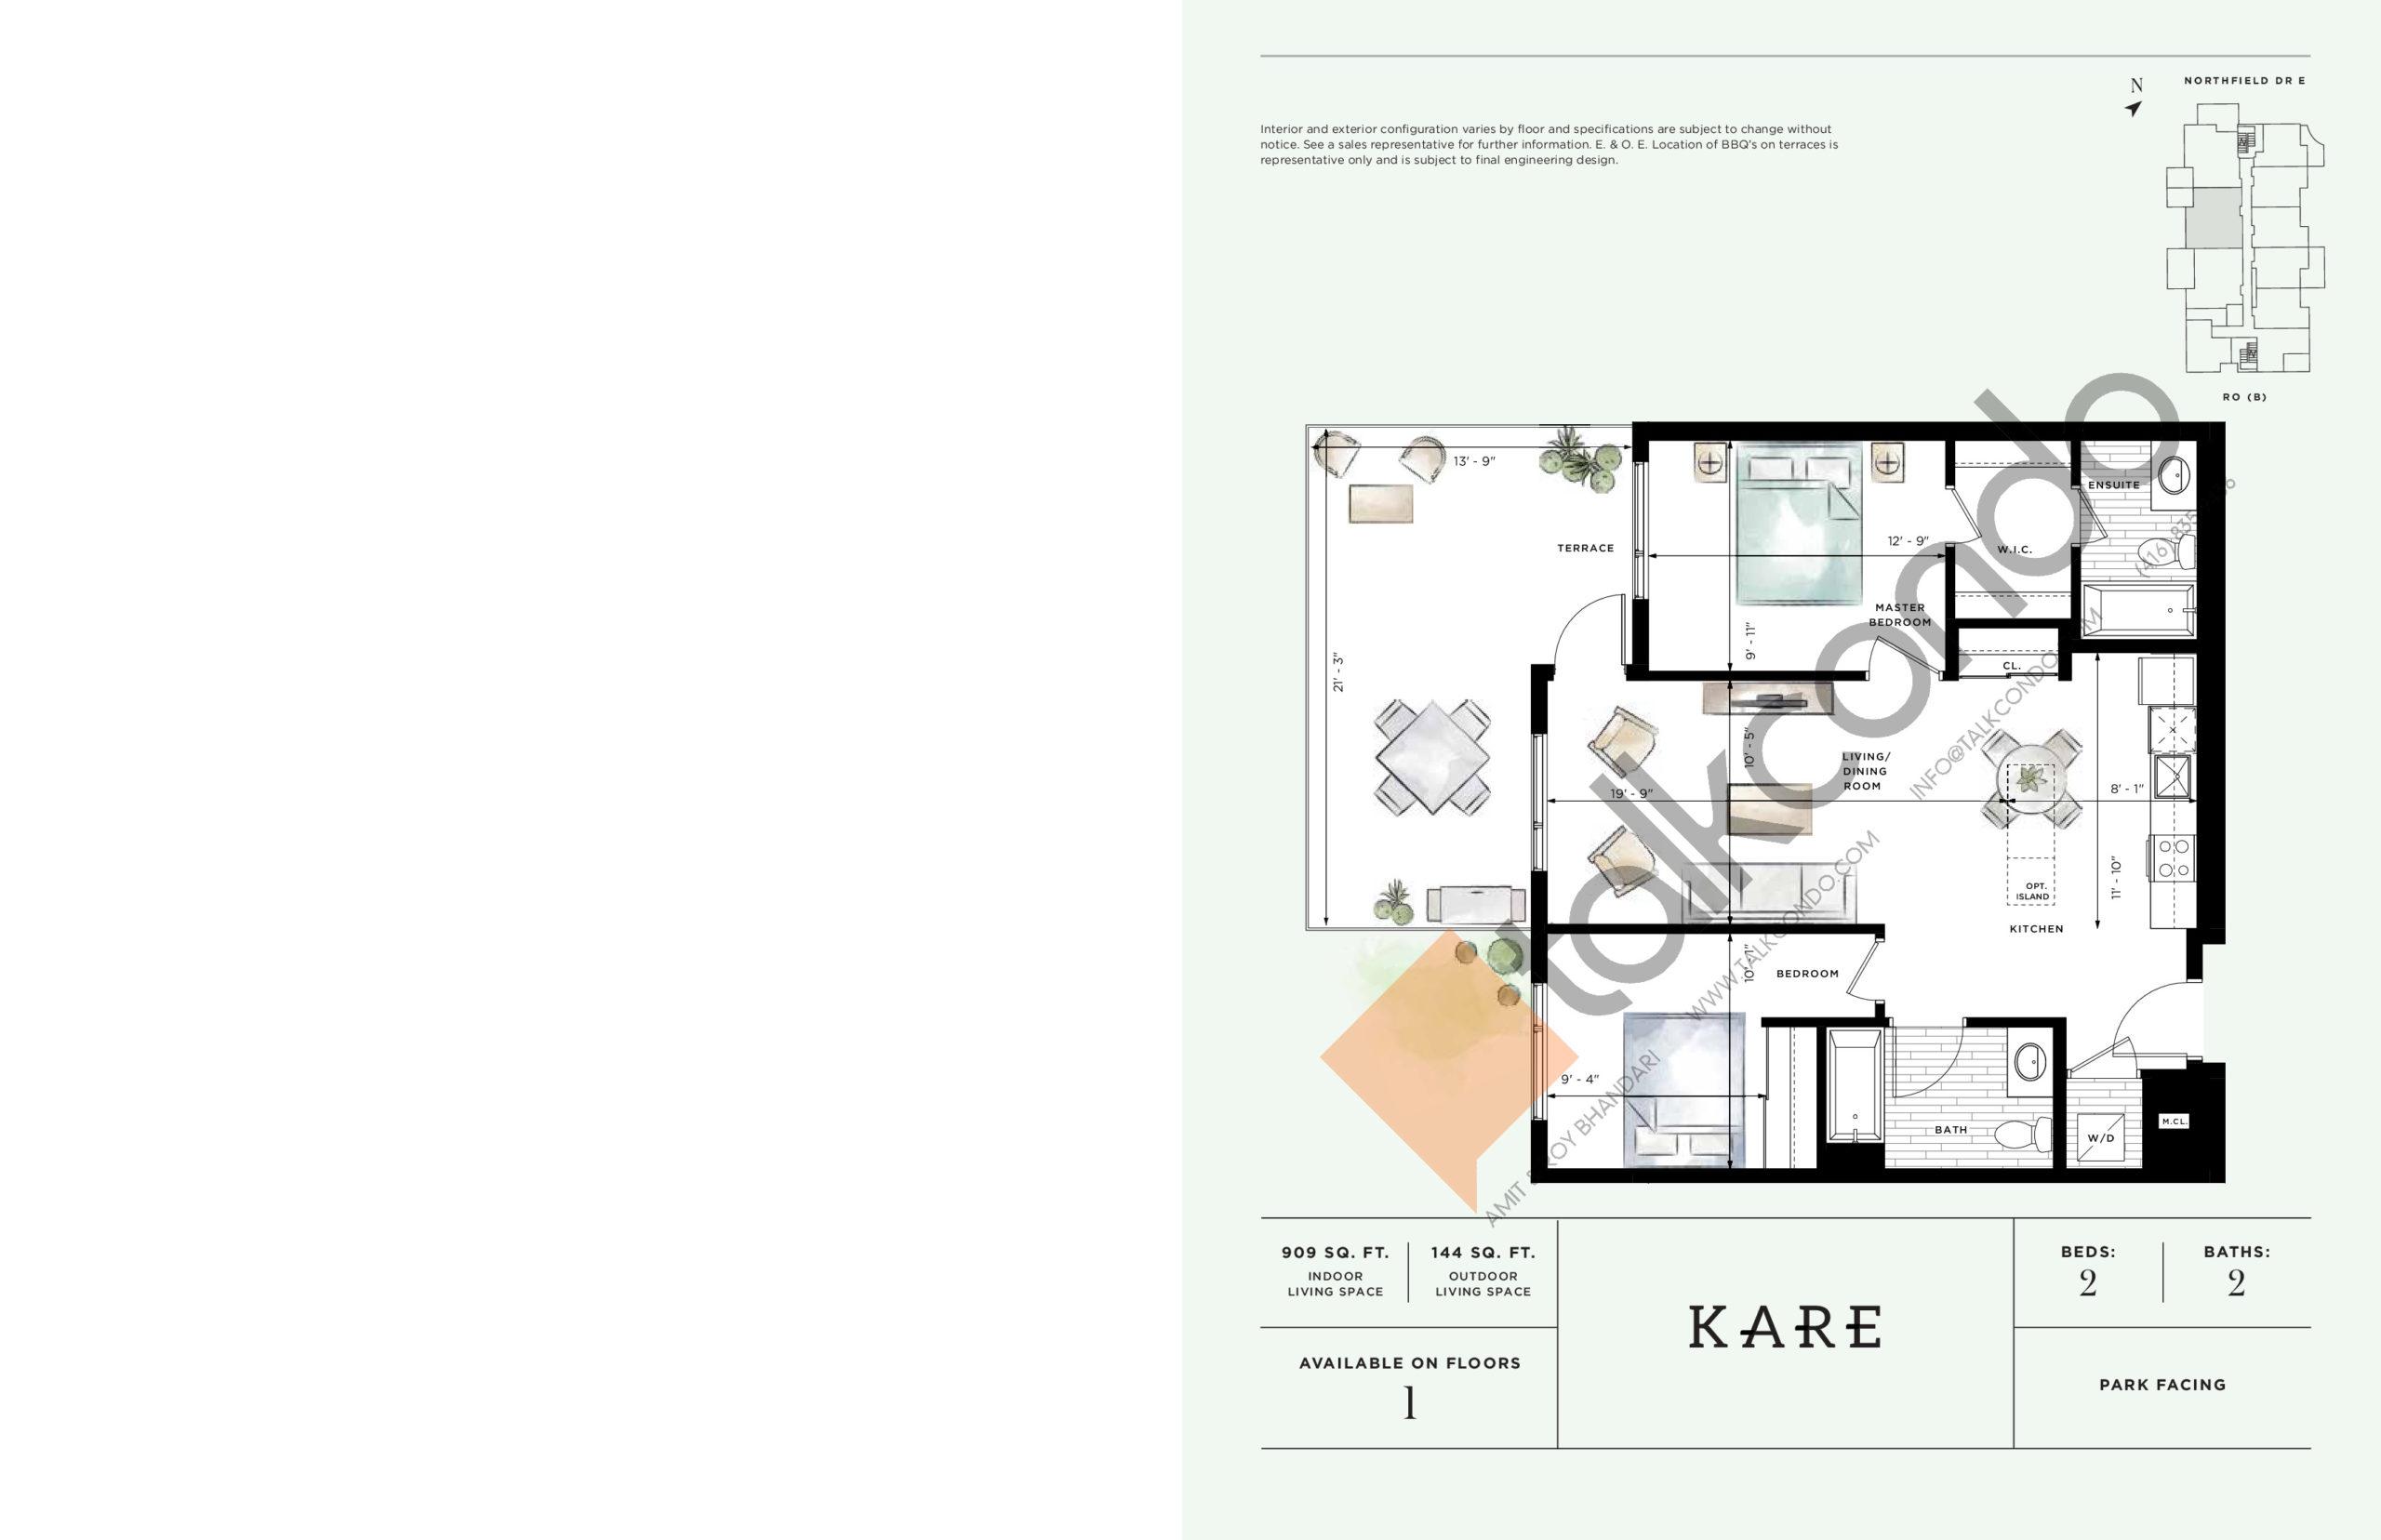 Kare Floor Plan at Ro at Blackstone Condos - 909 sq.ft